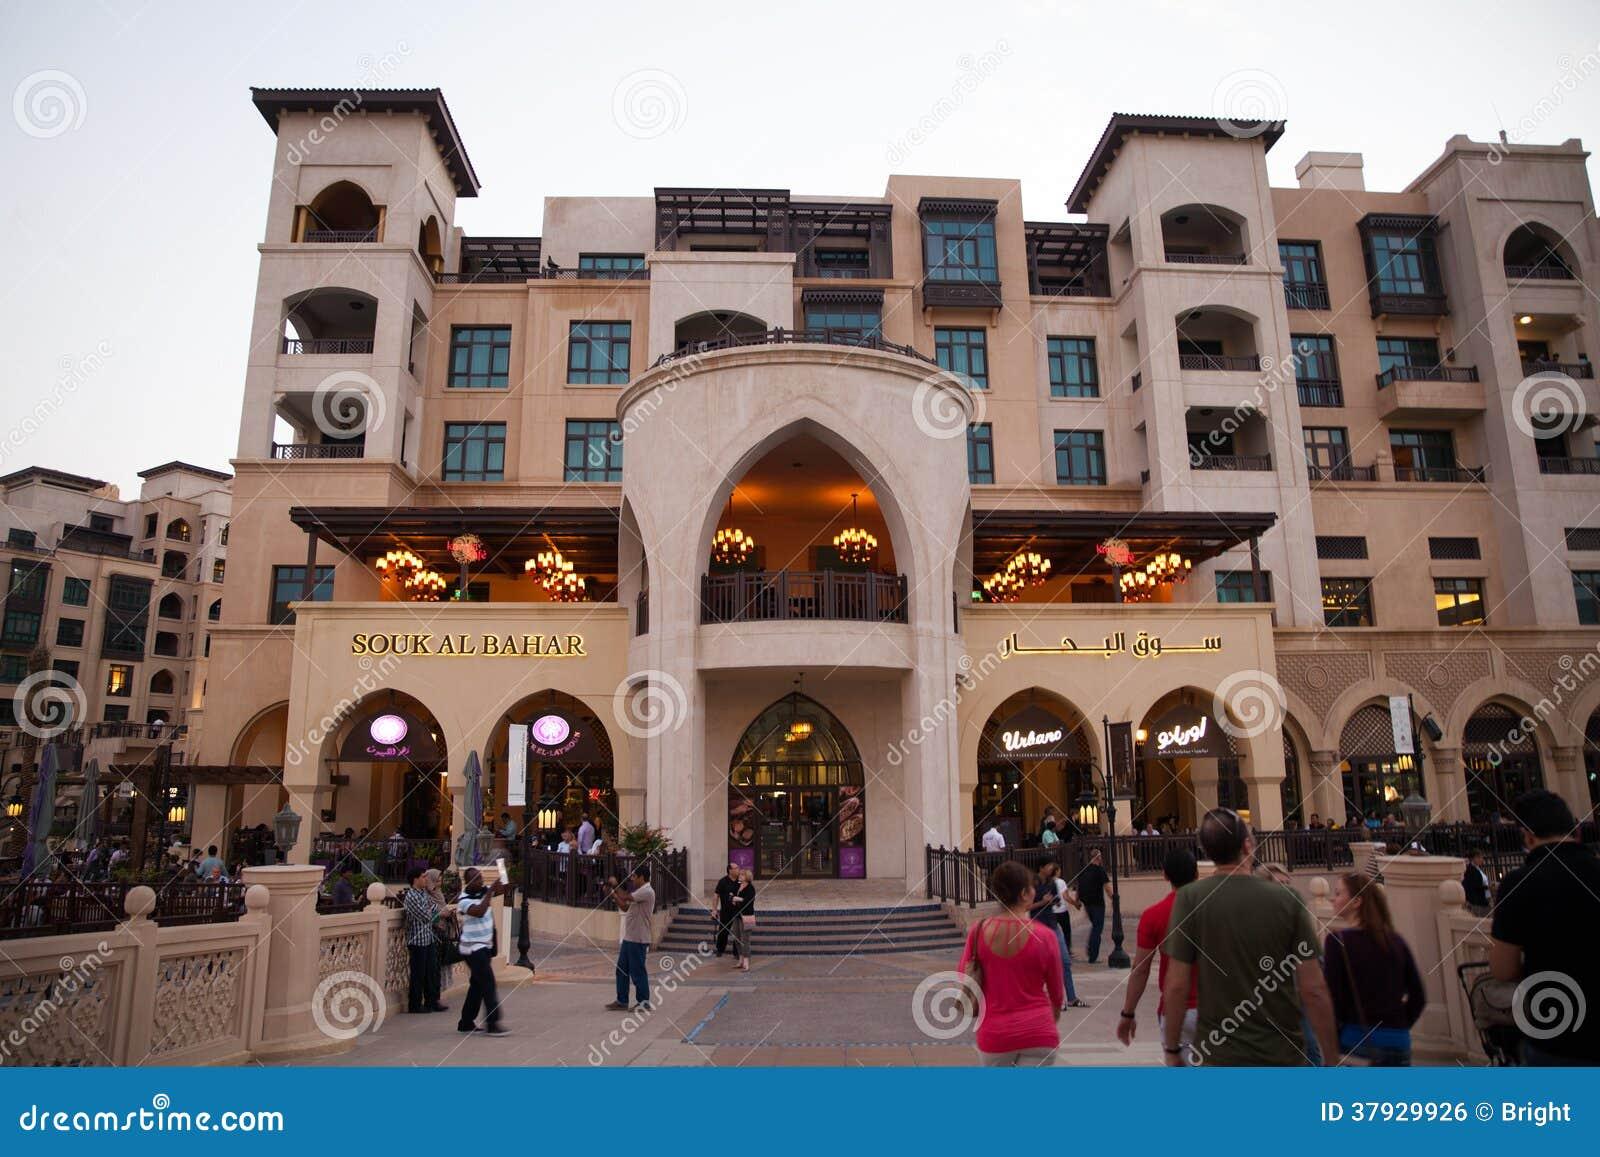 Al Bahar Souk